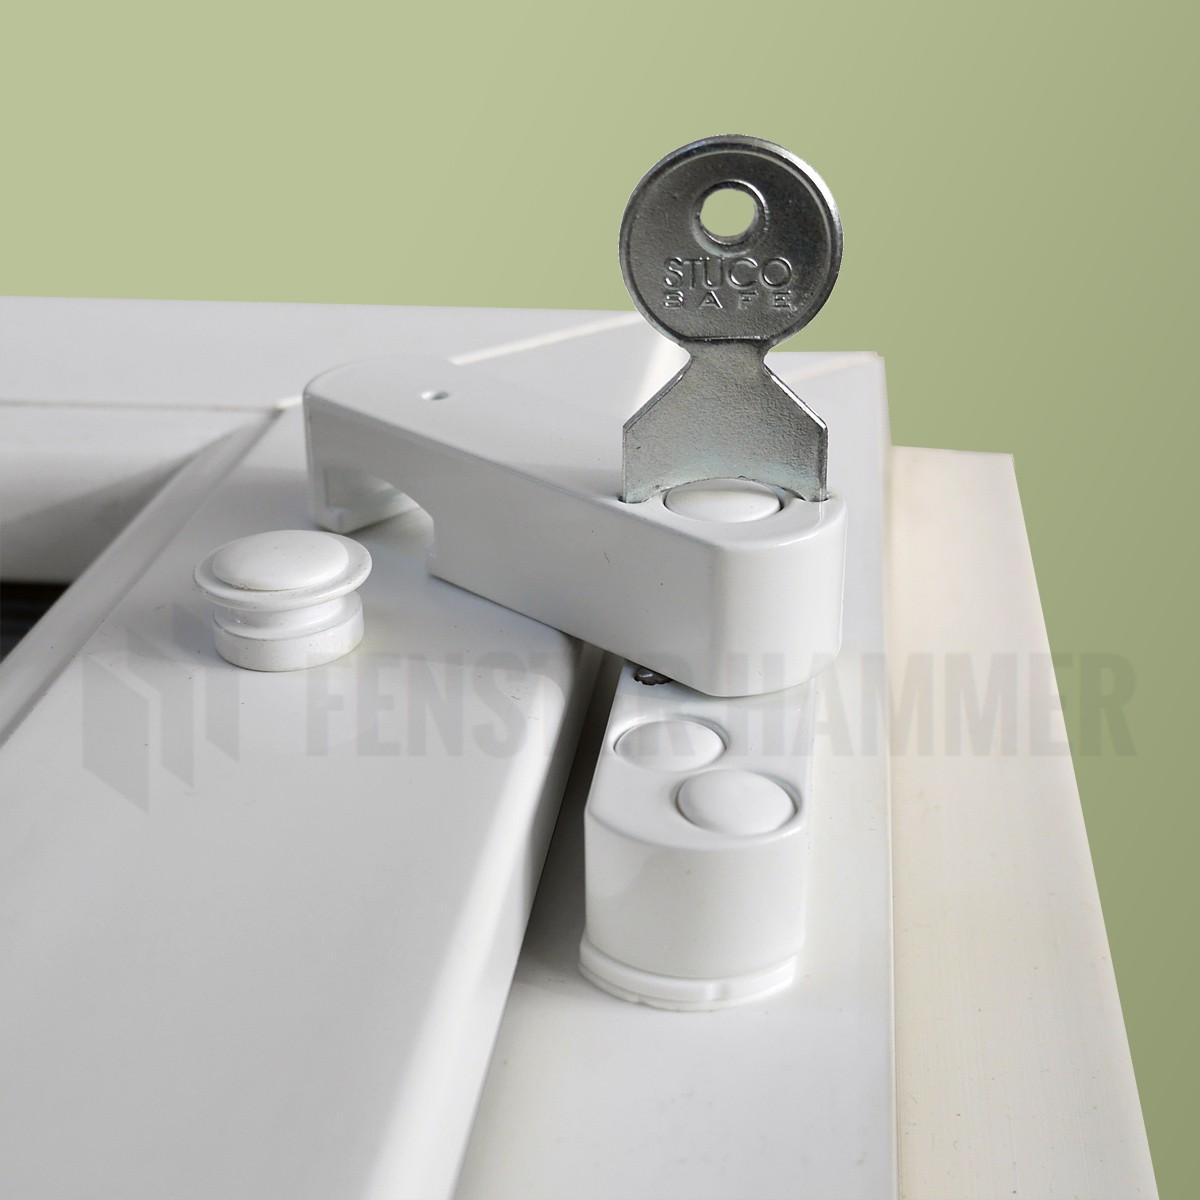 bever fenstersicherung mit pilzkopf wei 22sw oder braun 22sb fenster sicherheit. Black Bedroom Furniture Sets. Home Design Ideas